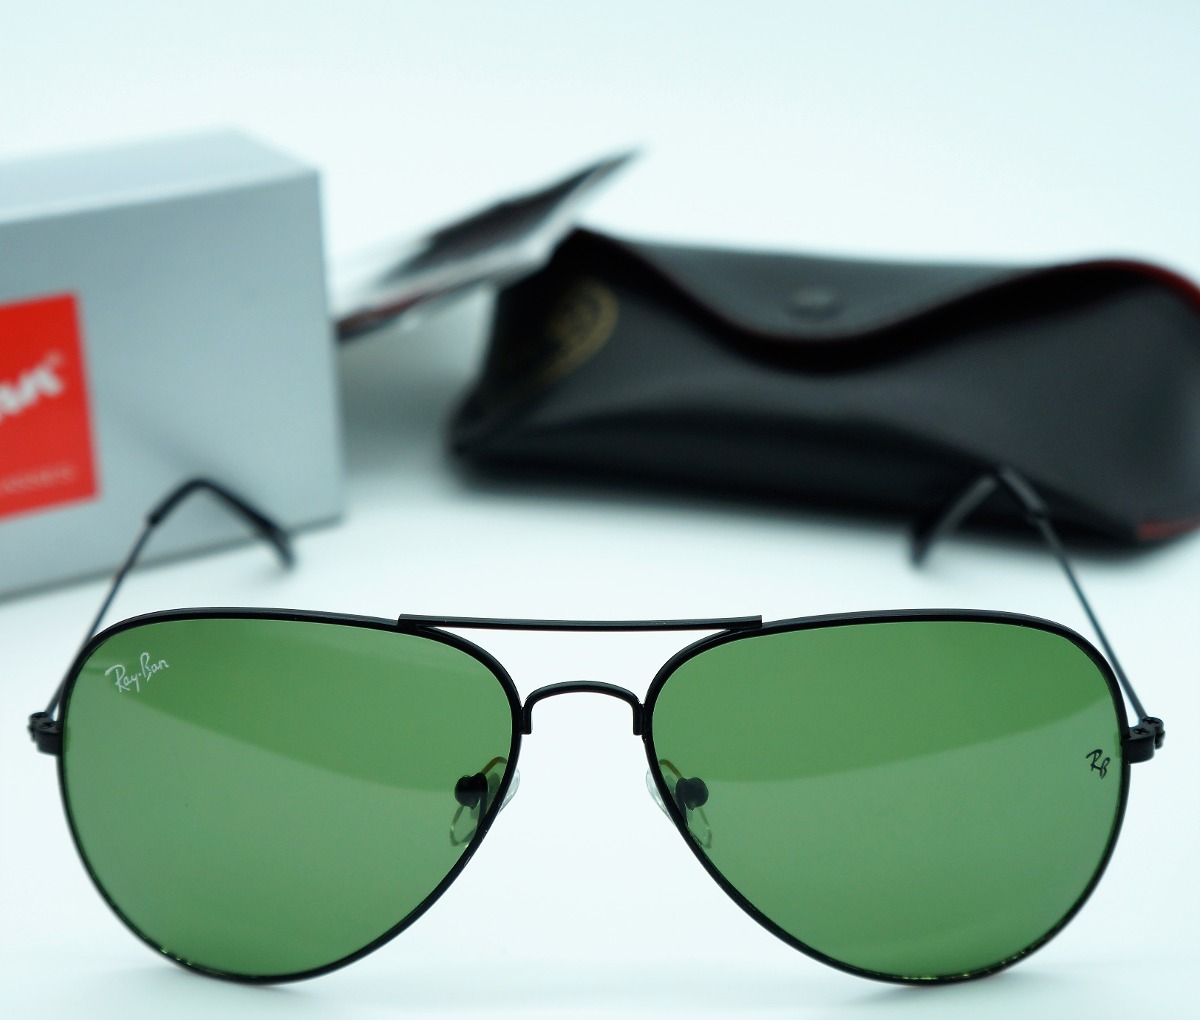 b4627113e50f5 oculos aviador feminino preto verde 3025 3026 original uva. Carregando zoom.